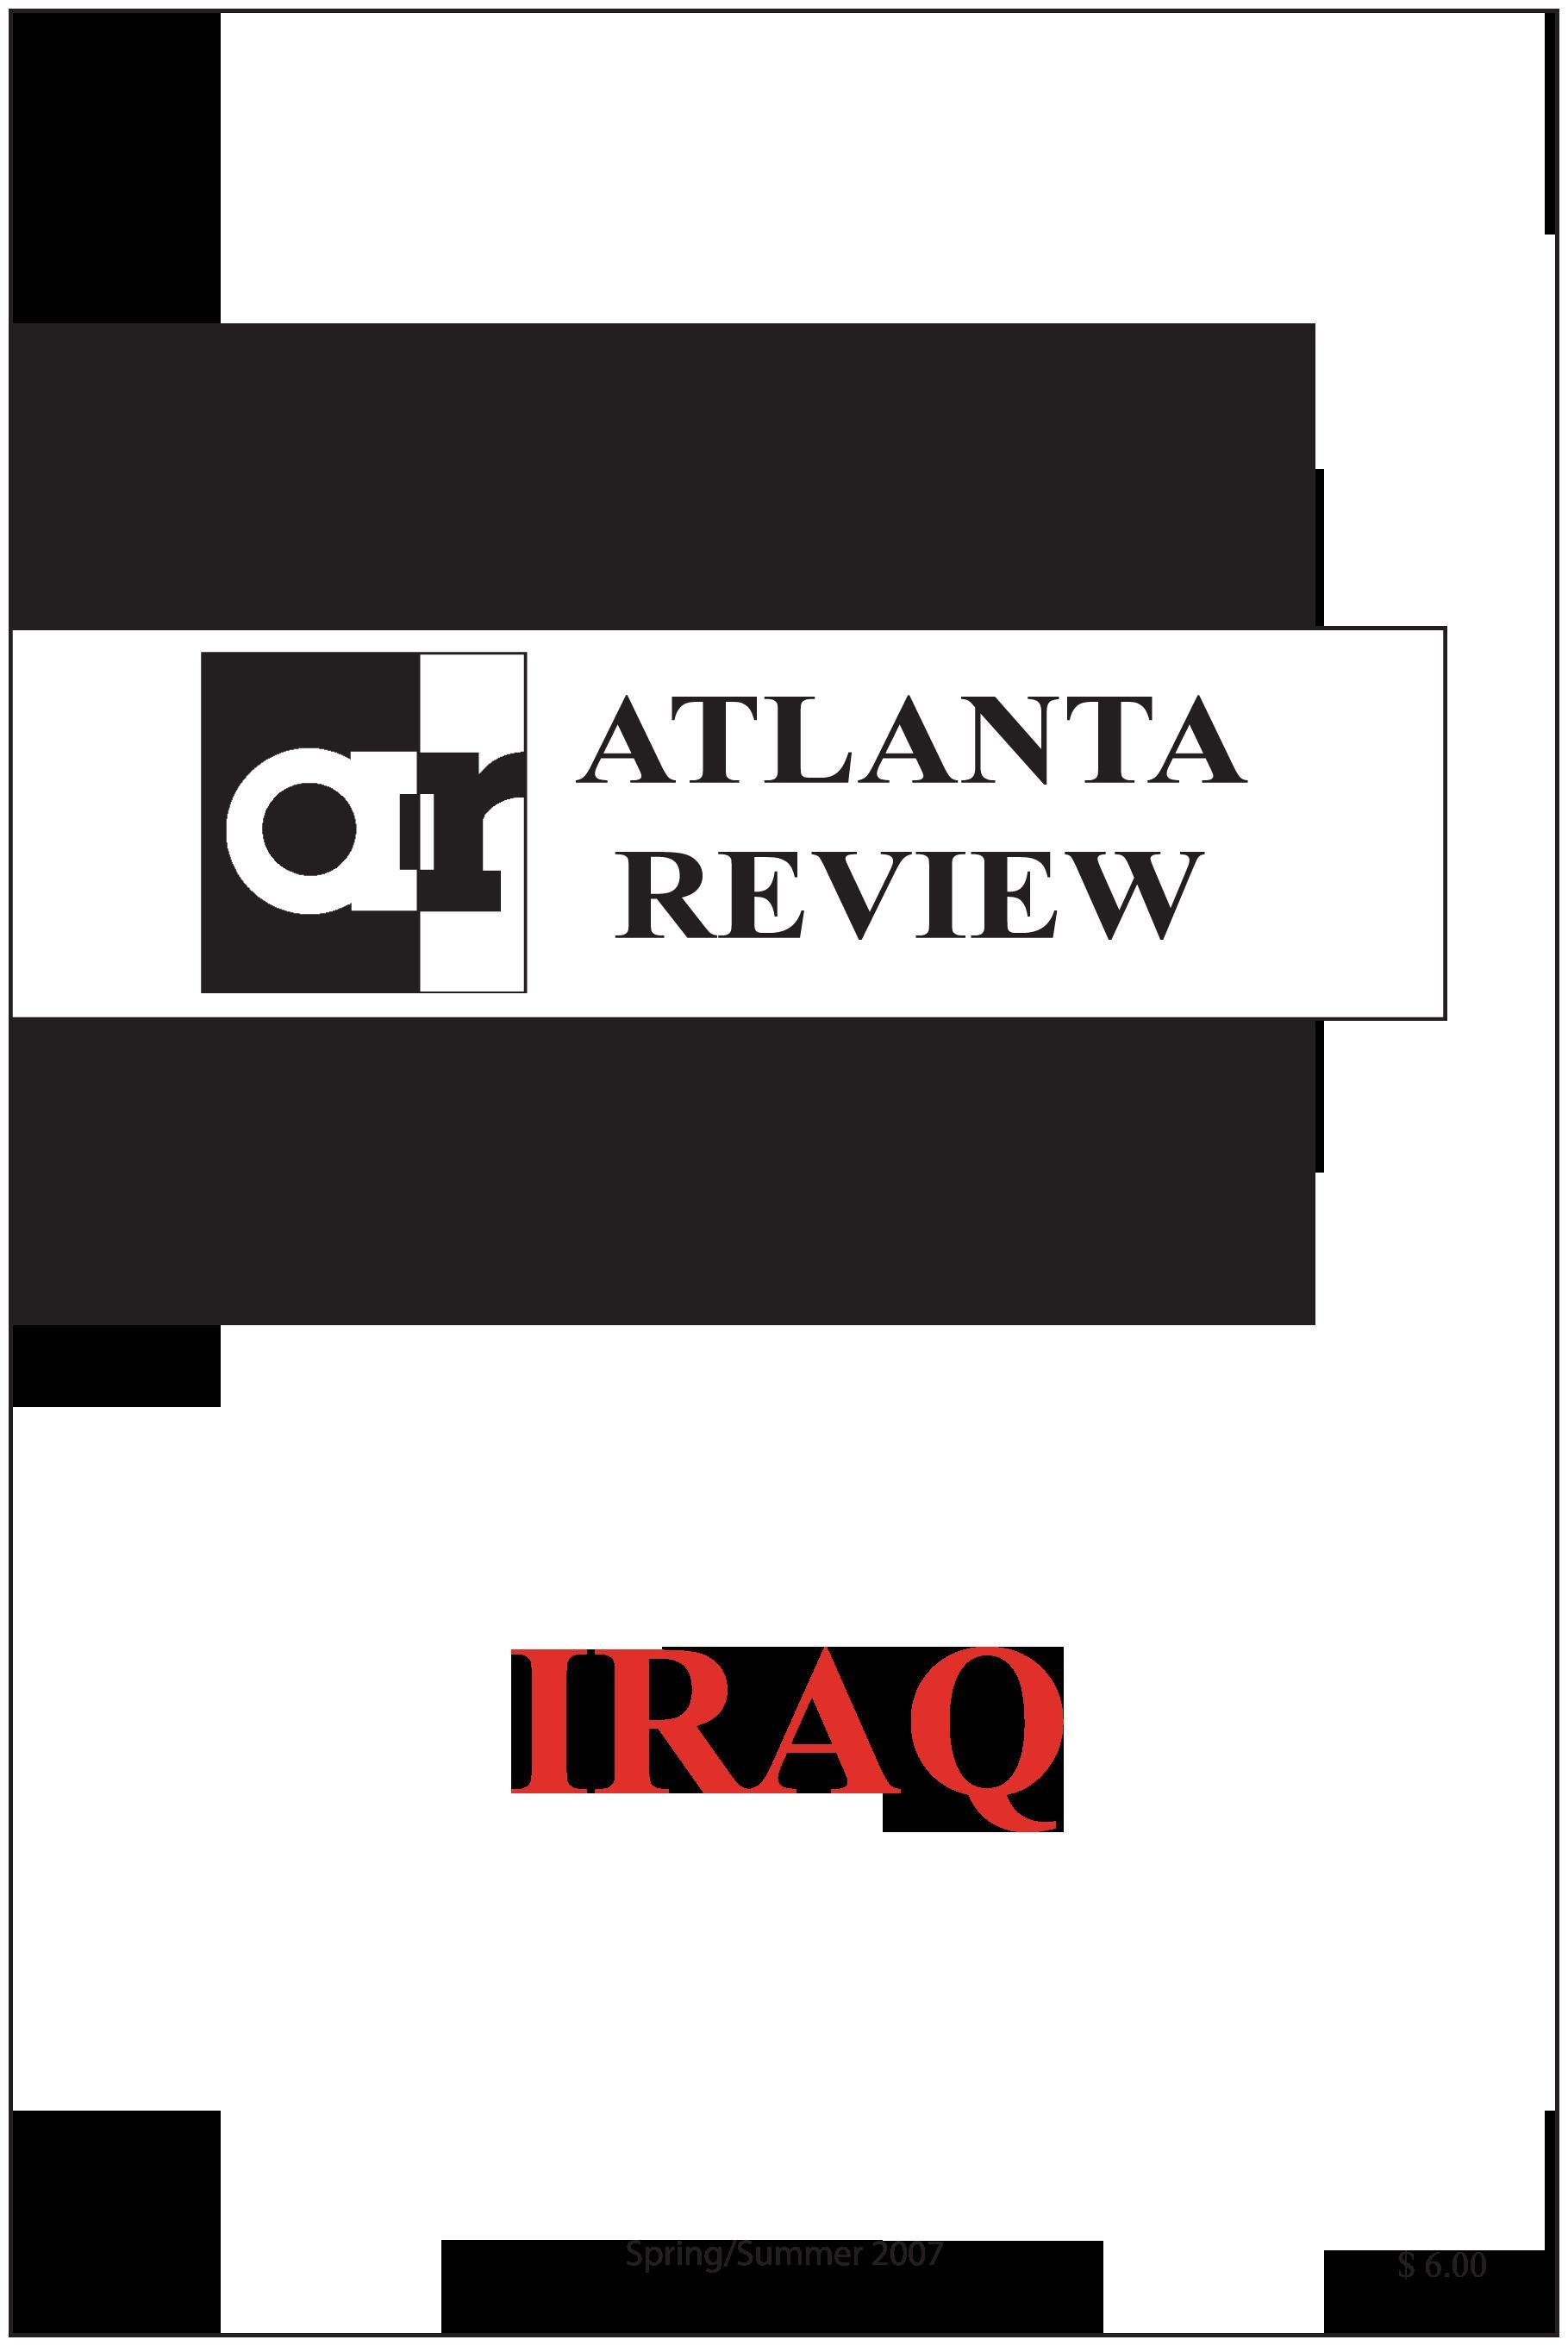 AtlantaReview1